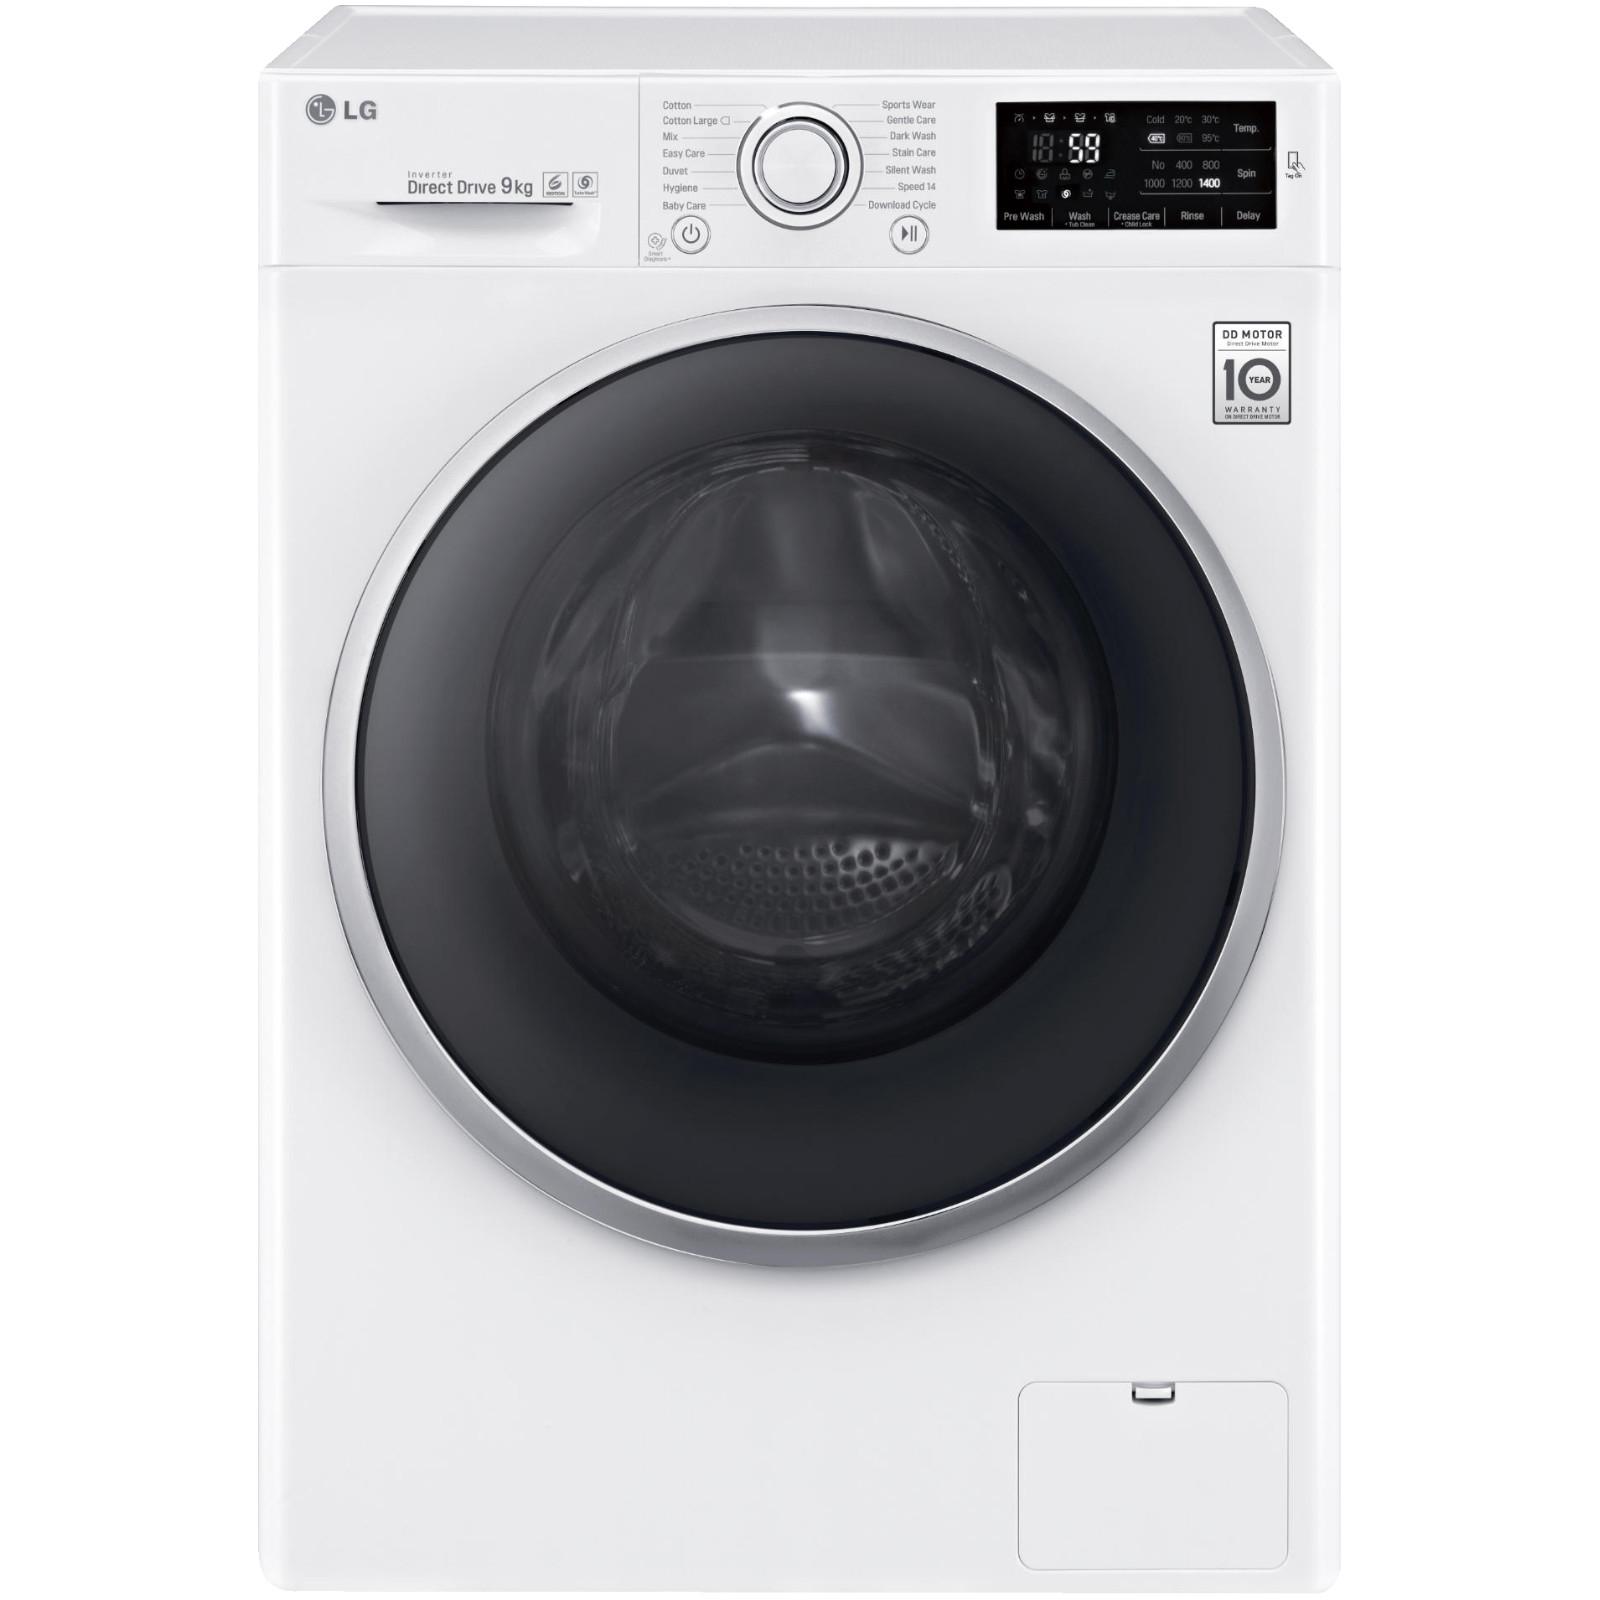 LG F14U2VDN1H Waschmaschine 9KG A+++ -30% Turbowash DirectDrive NFC AquaLock Vollwasserschutz für 377 @ ebay.de und mediamarkt.de